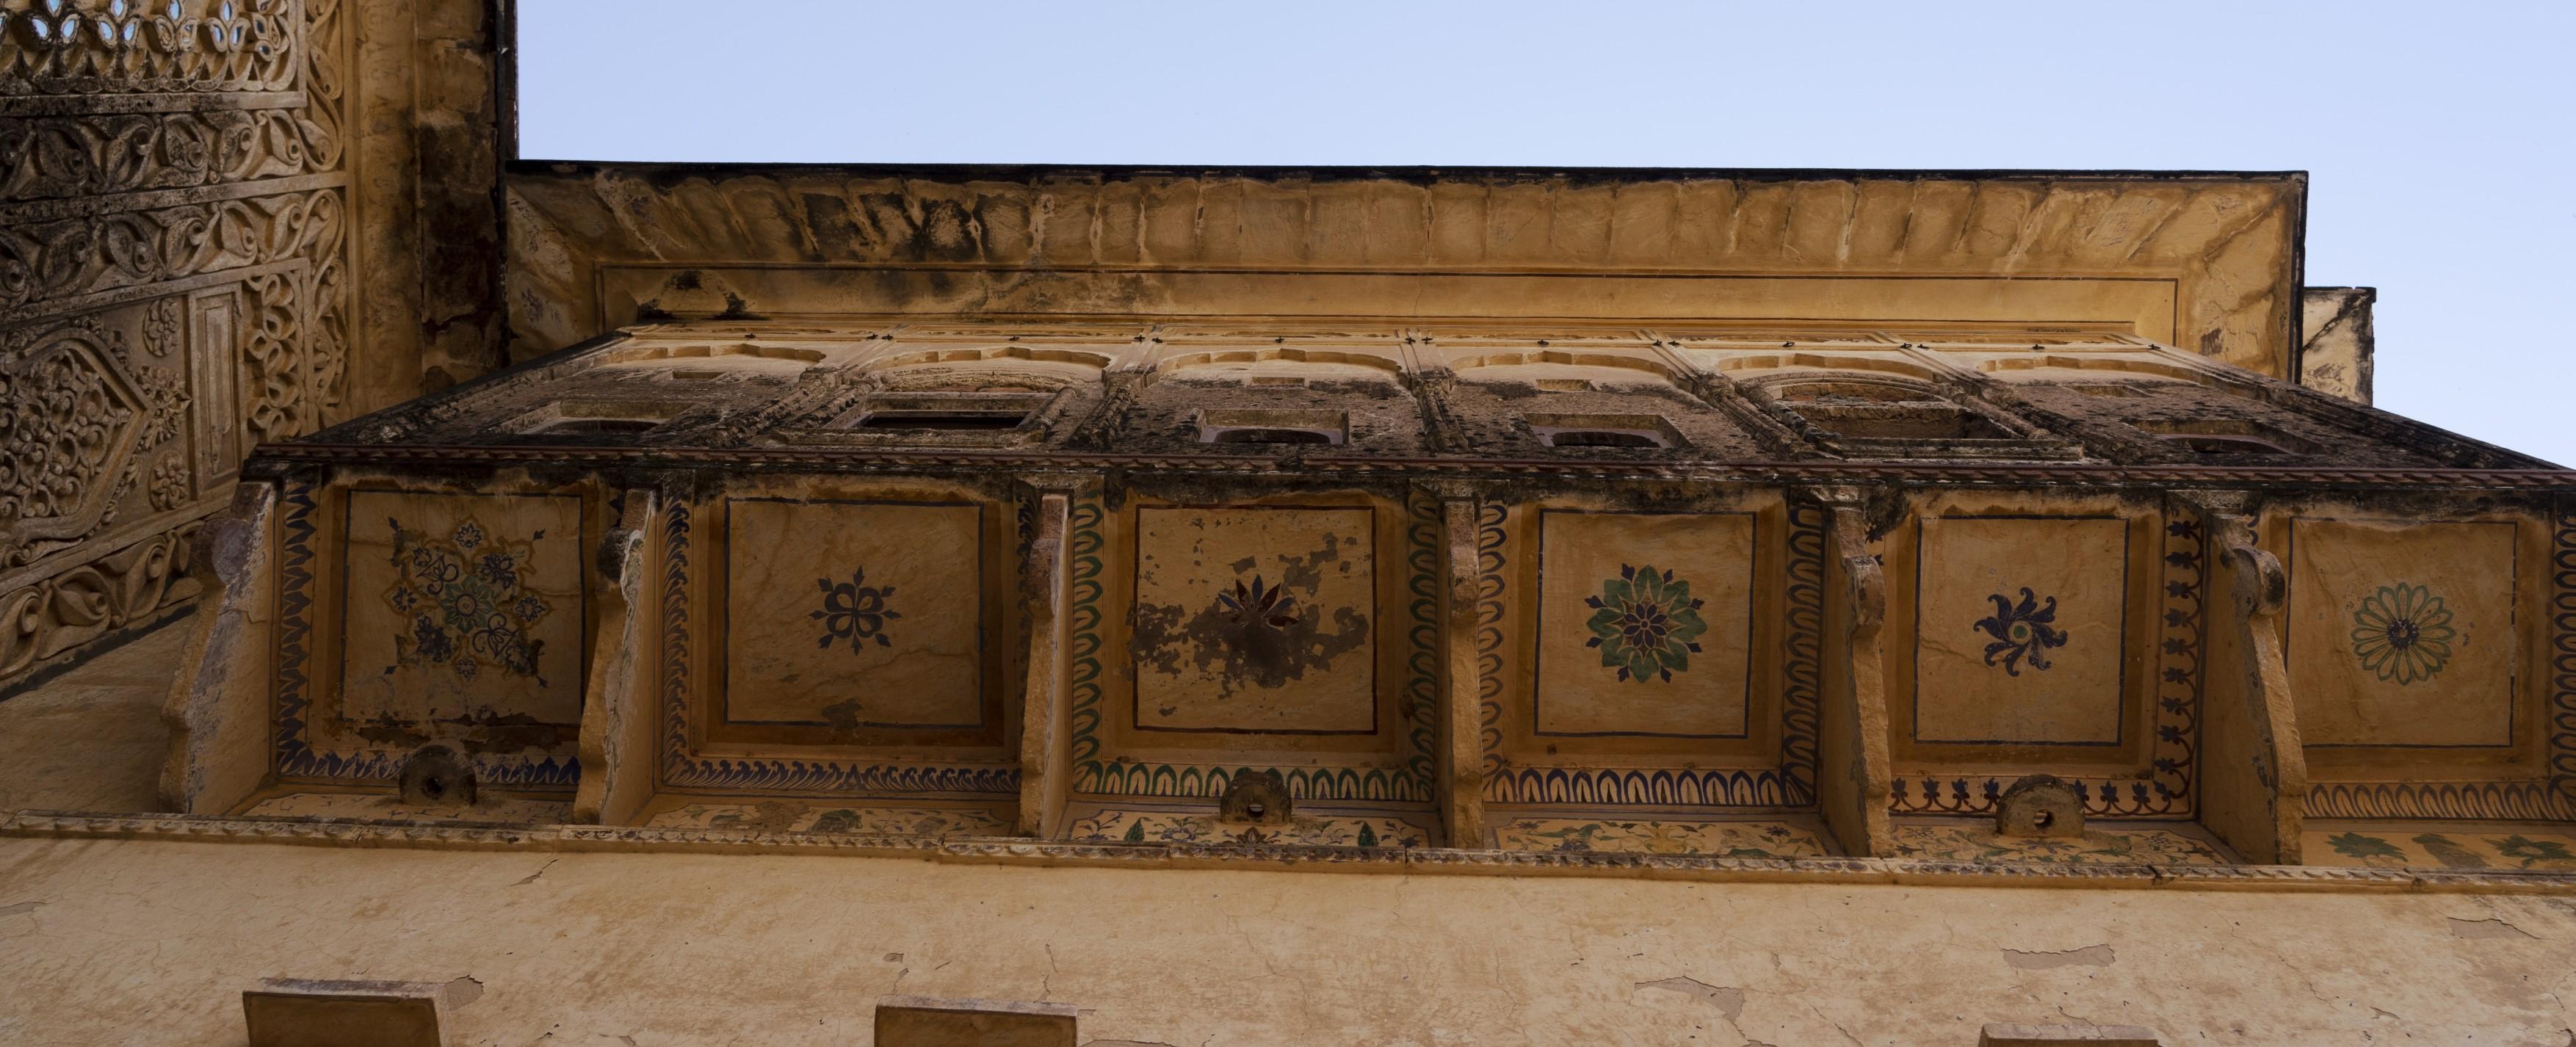 Six-Senses-Barwara-Fort-detail